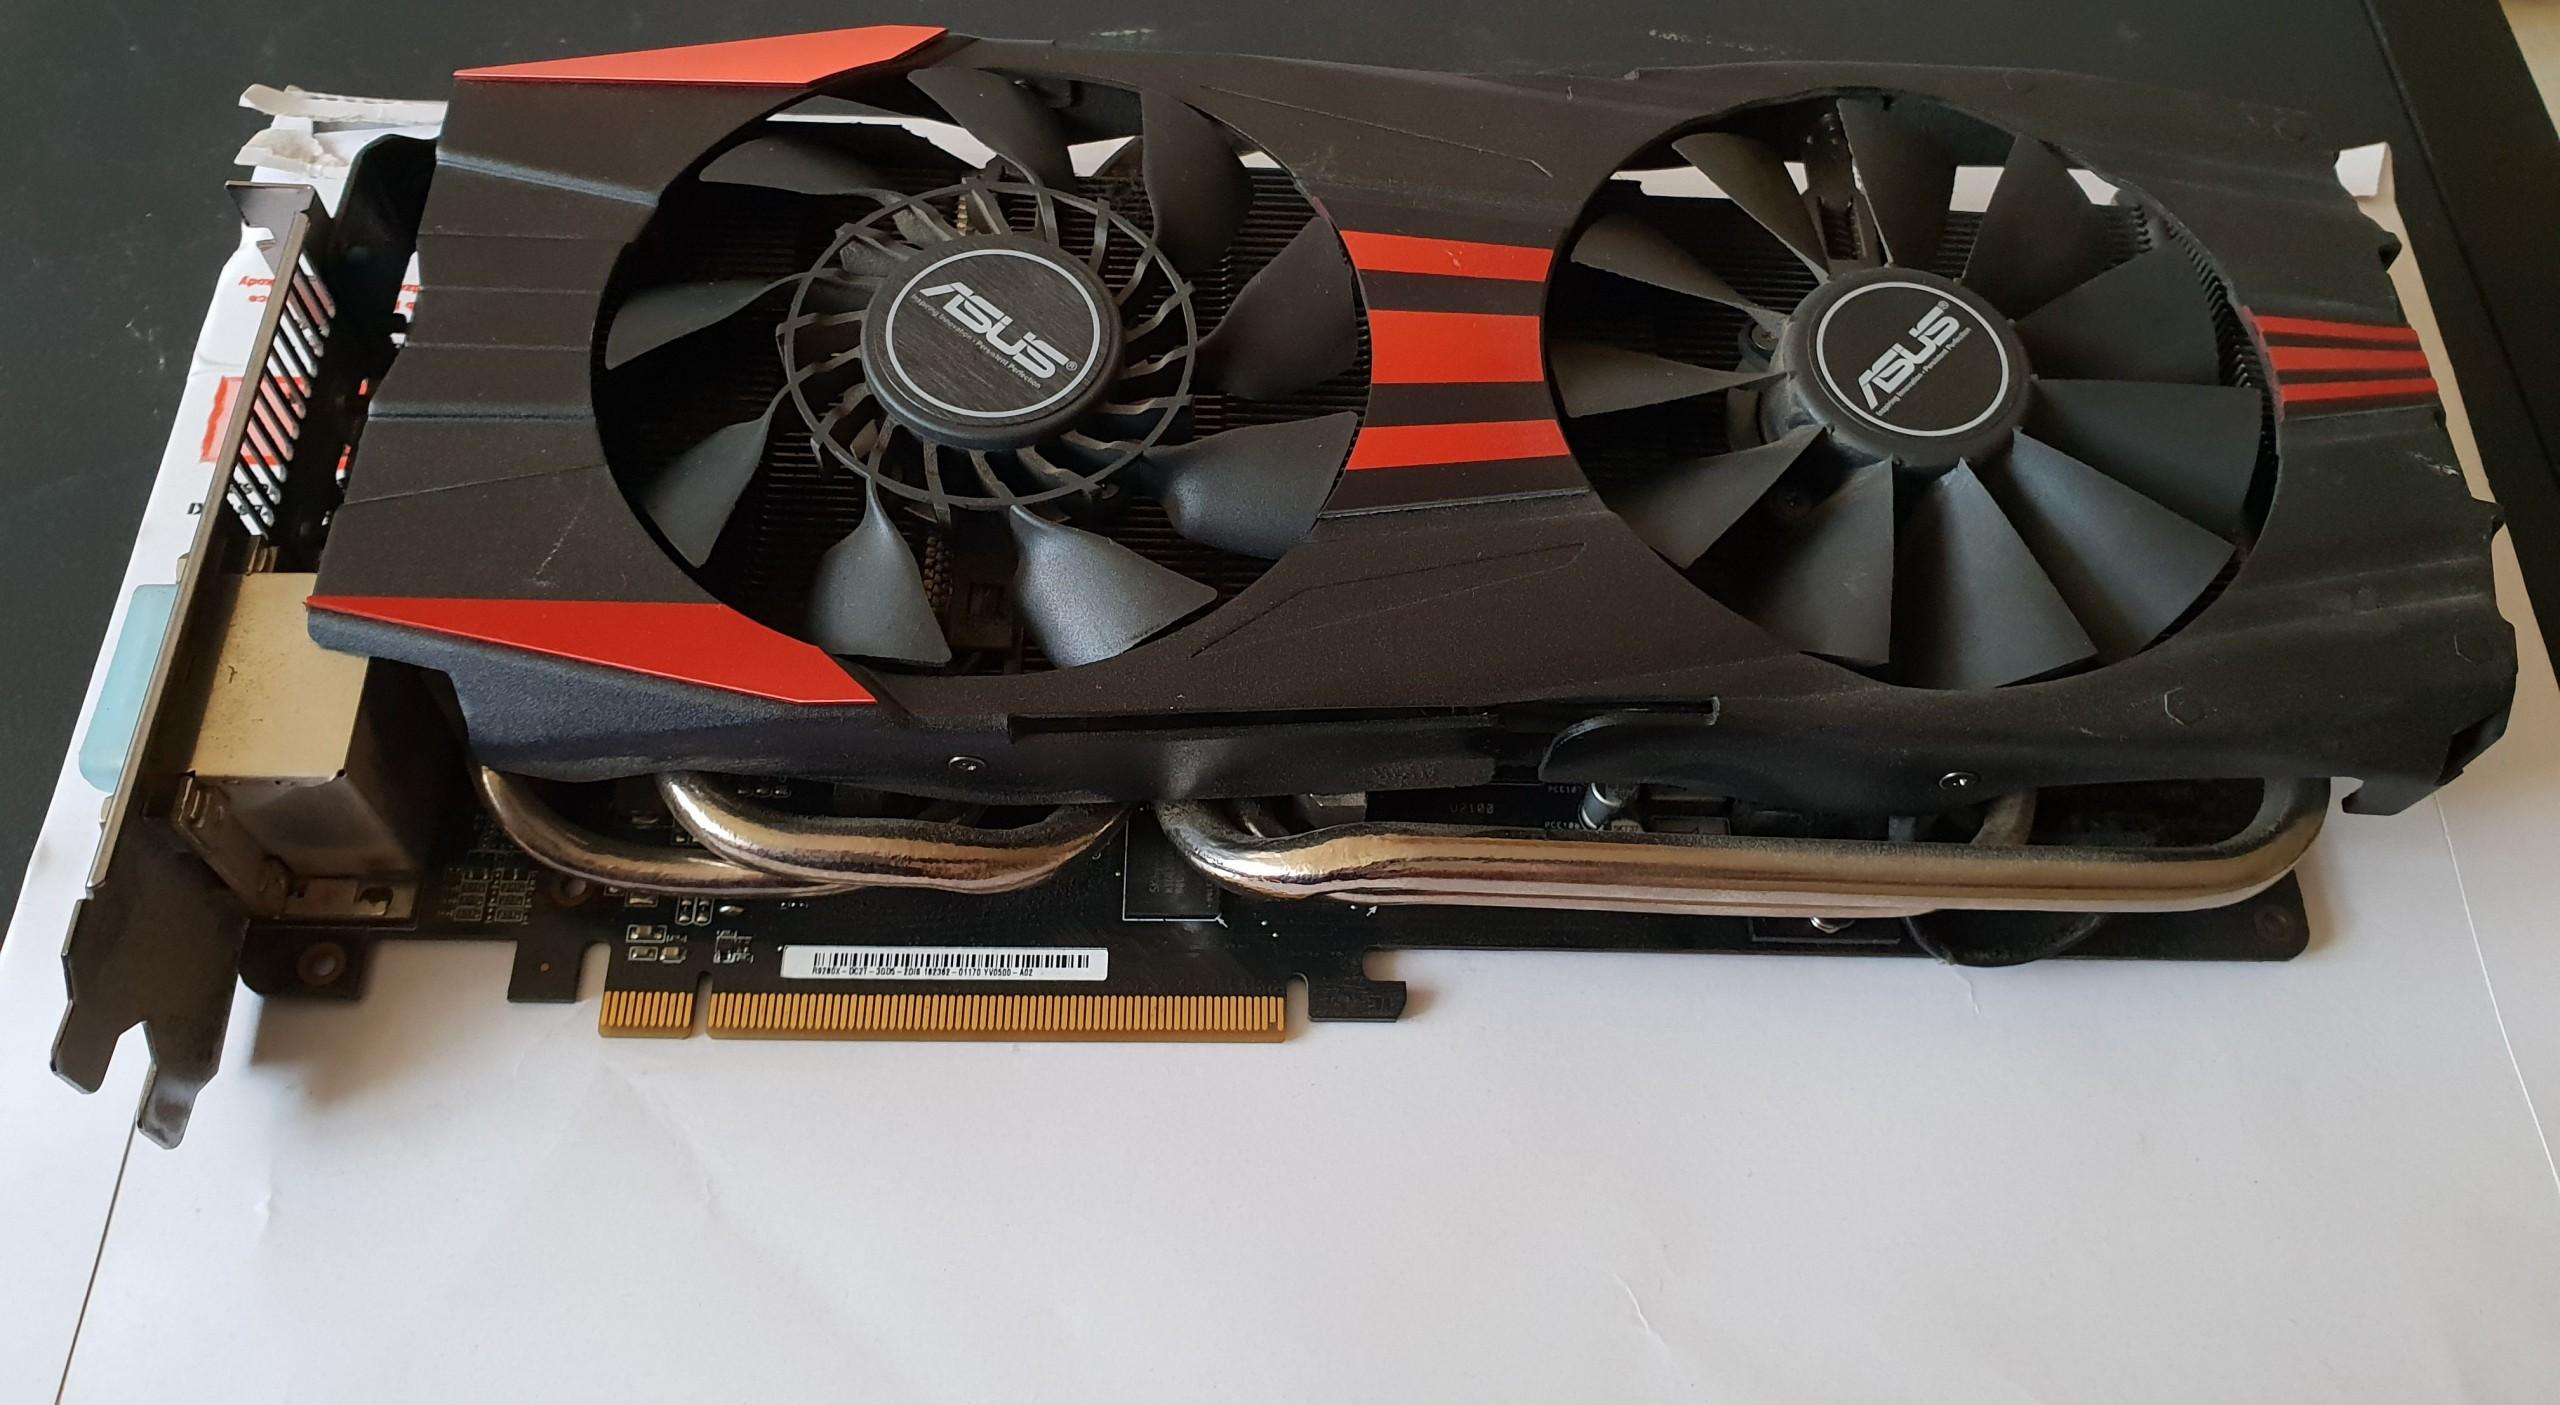 Asus Radeon R9 280X, 3GB DDR5 (384 Bit), HDMI